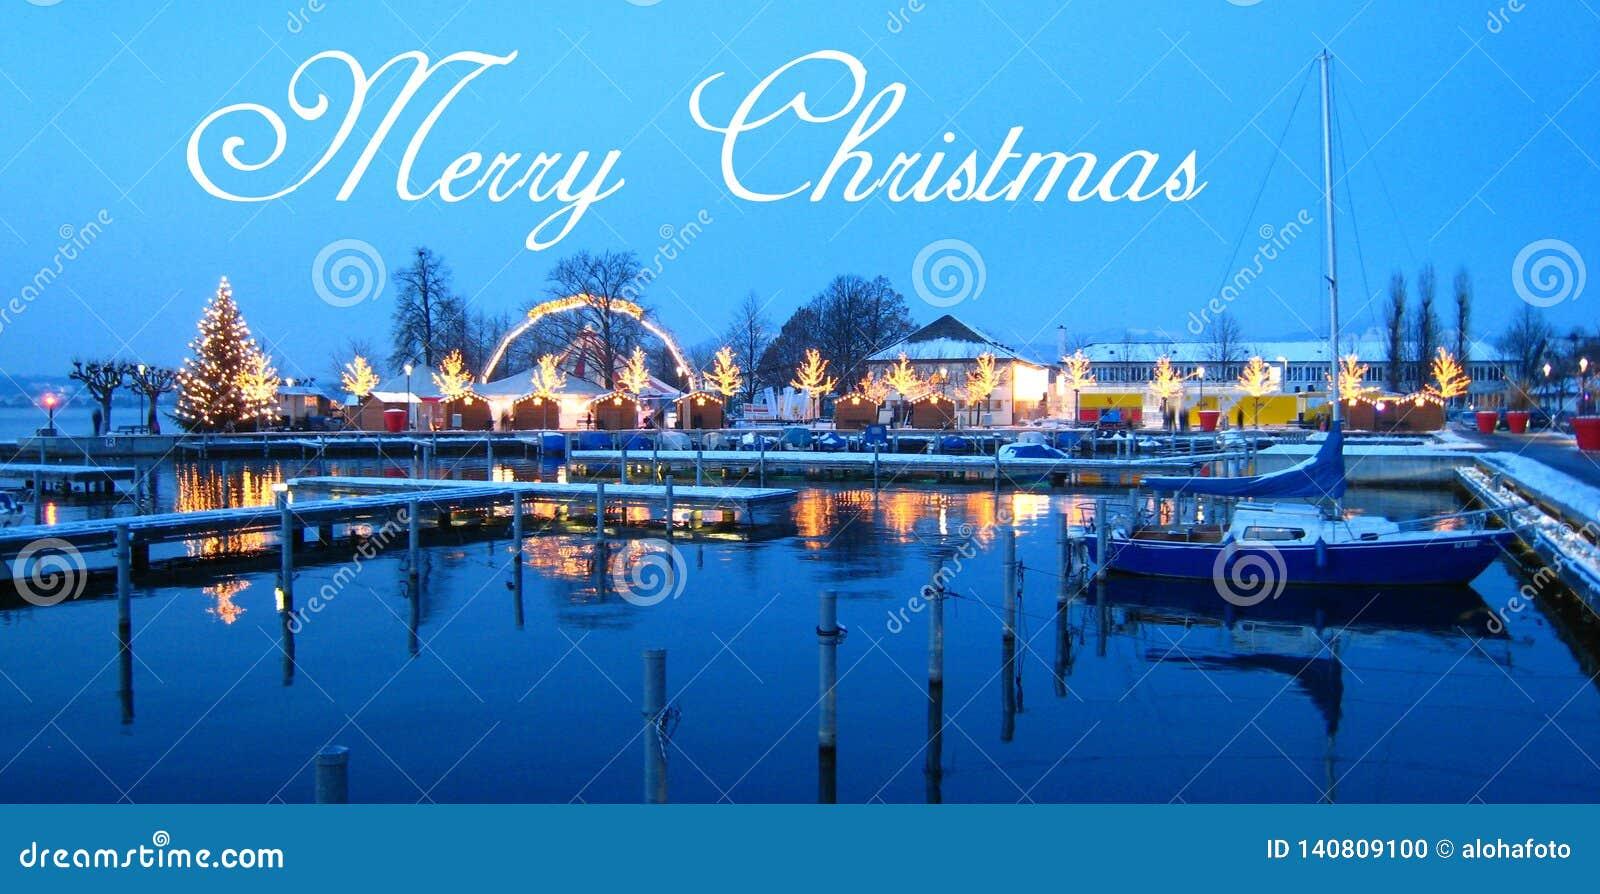 La carte postale avec un beau marché suisse de Noël de la Suisse sur le rivage de lac avec la neige a couvert des bateaux à l heu